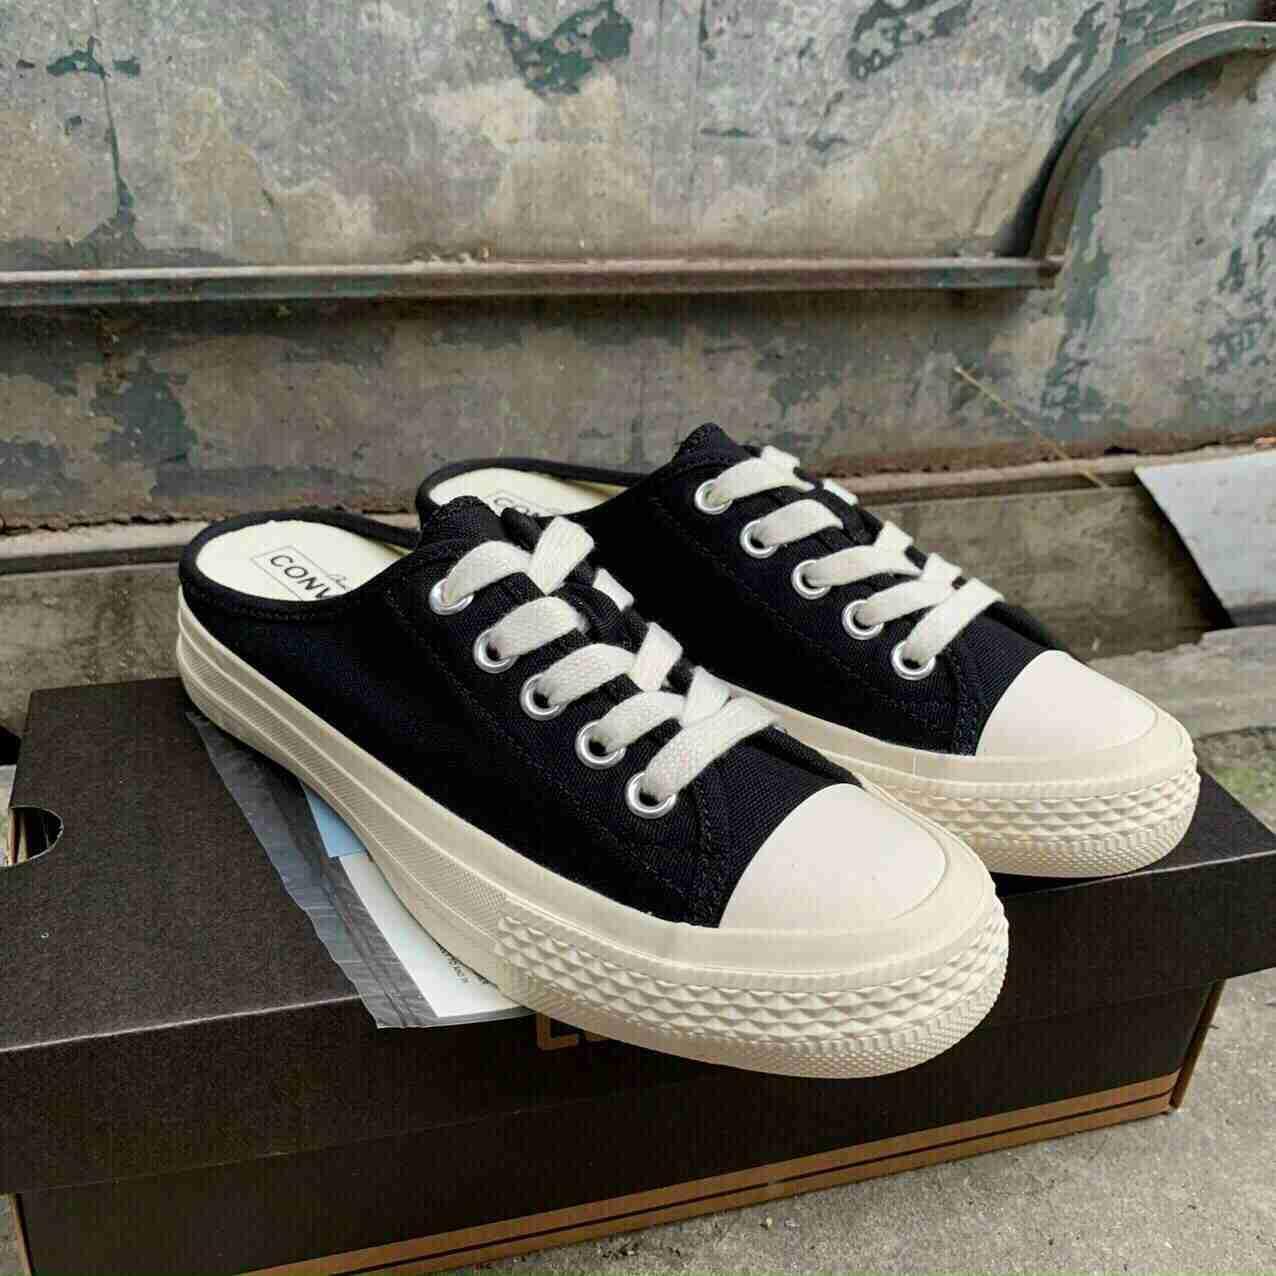 Giày sục Converser Đen rep 1:1 trẻ trung hiện đại phù hợp với các buổi vui chơi, dạo phố hàng ngày